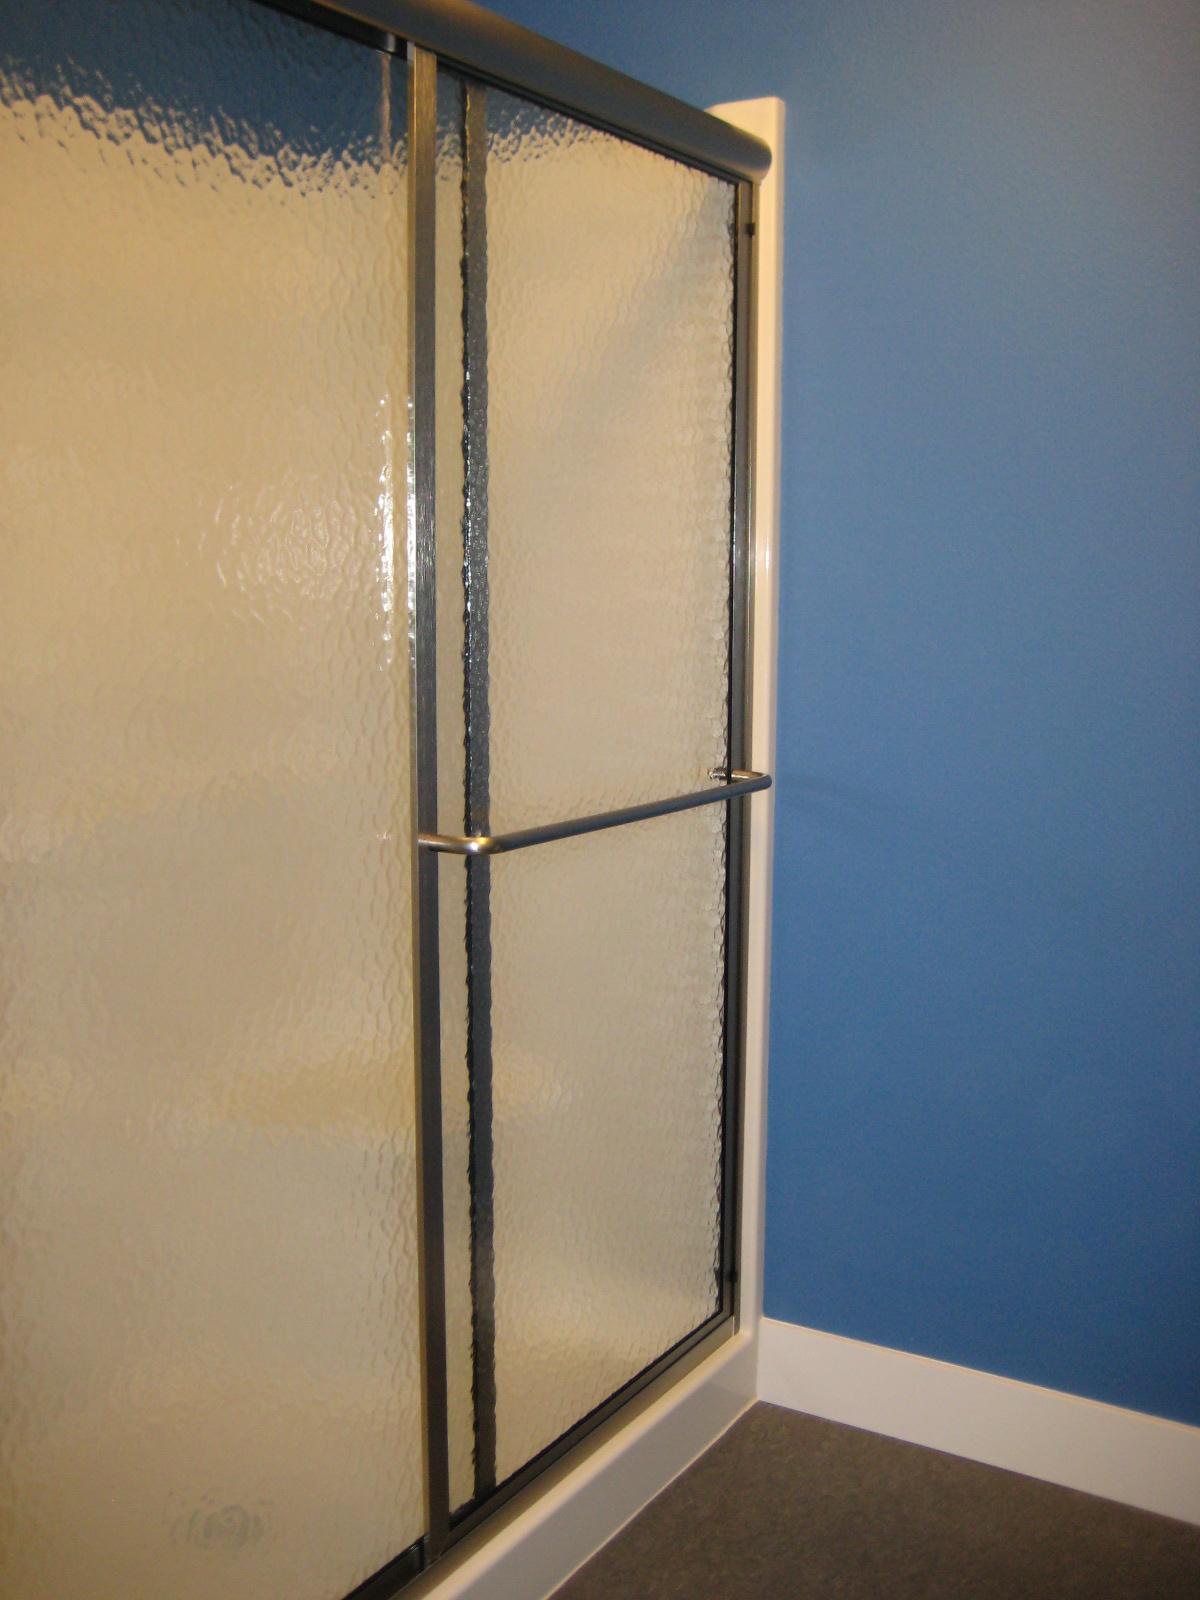 how to move stuck glass door